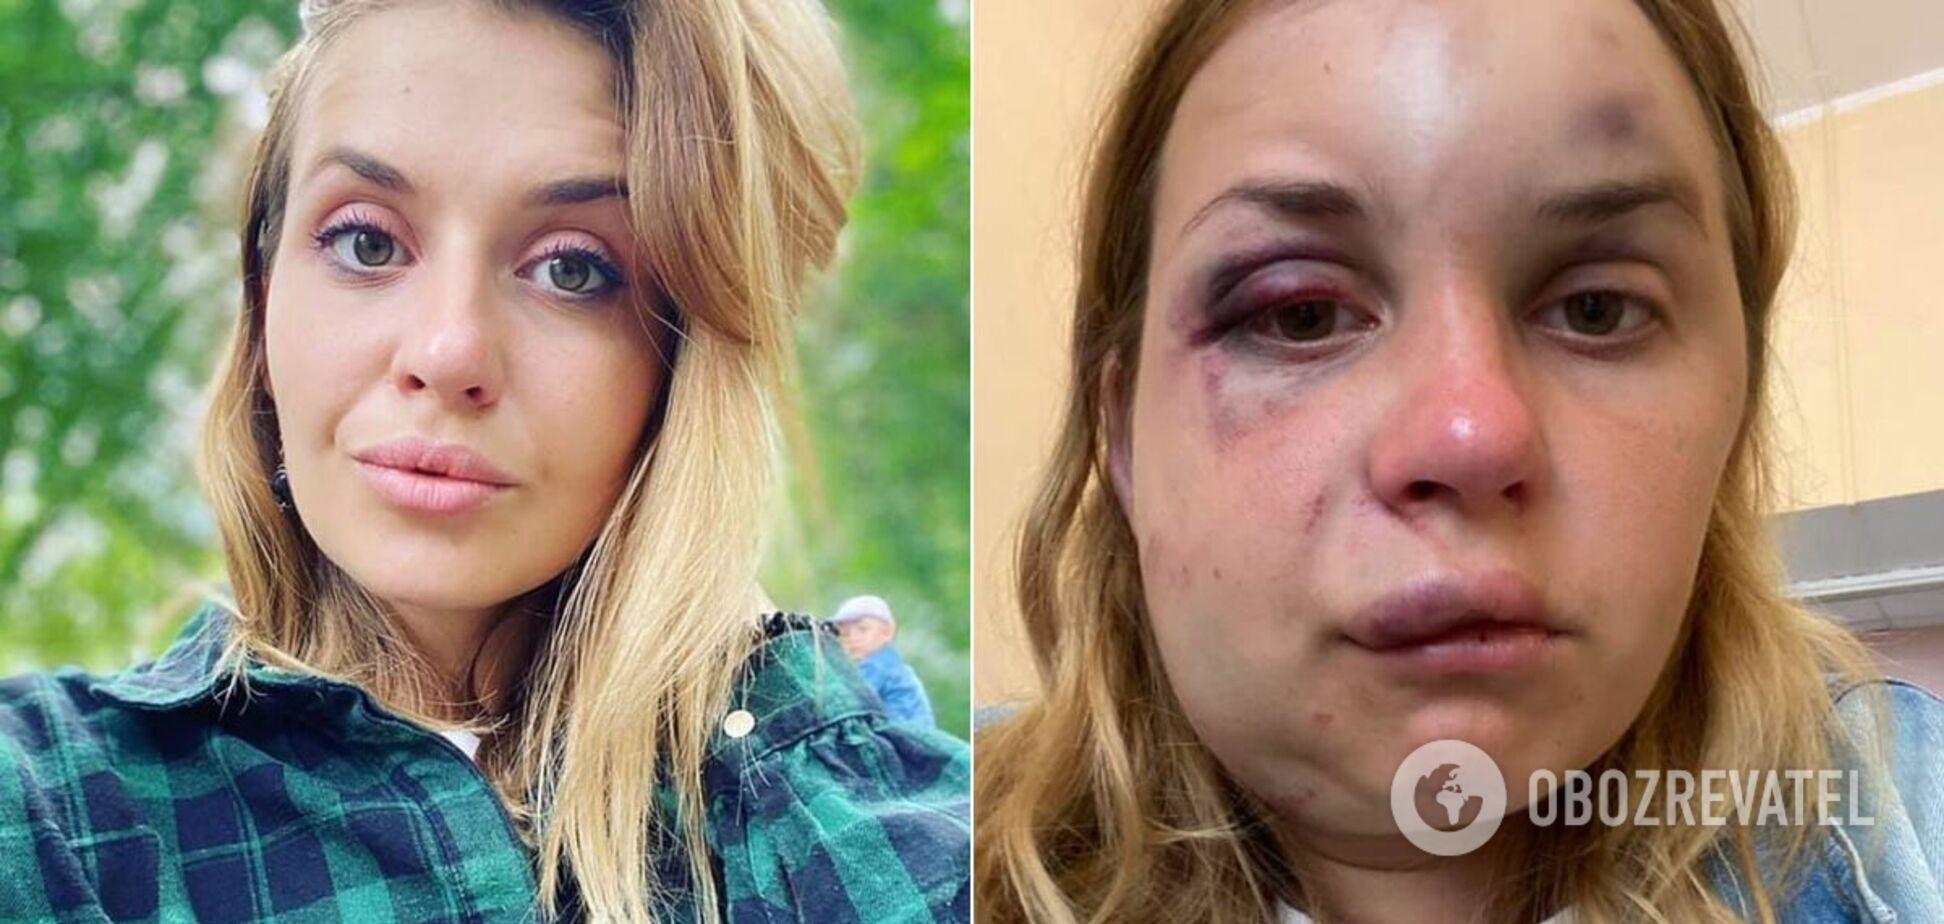 Анастасия Луговая до и после нападения